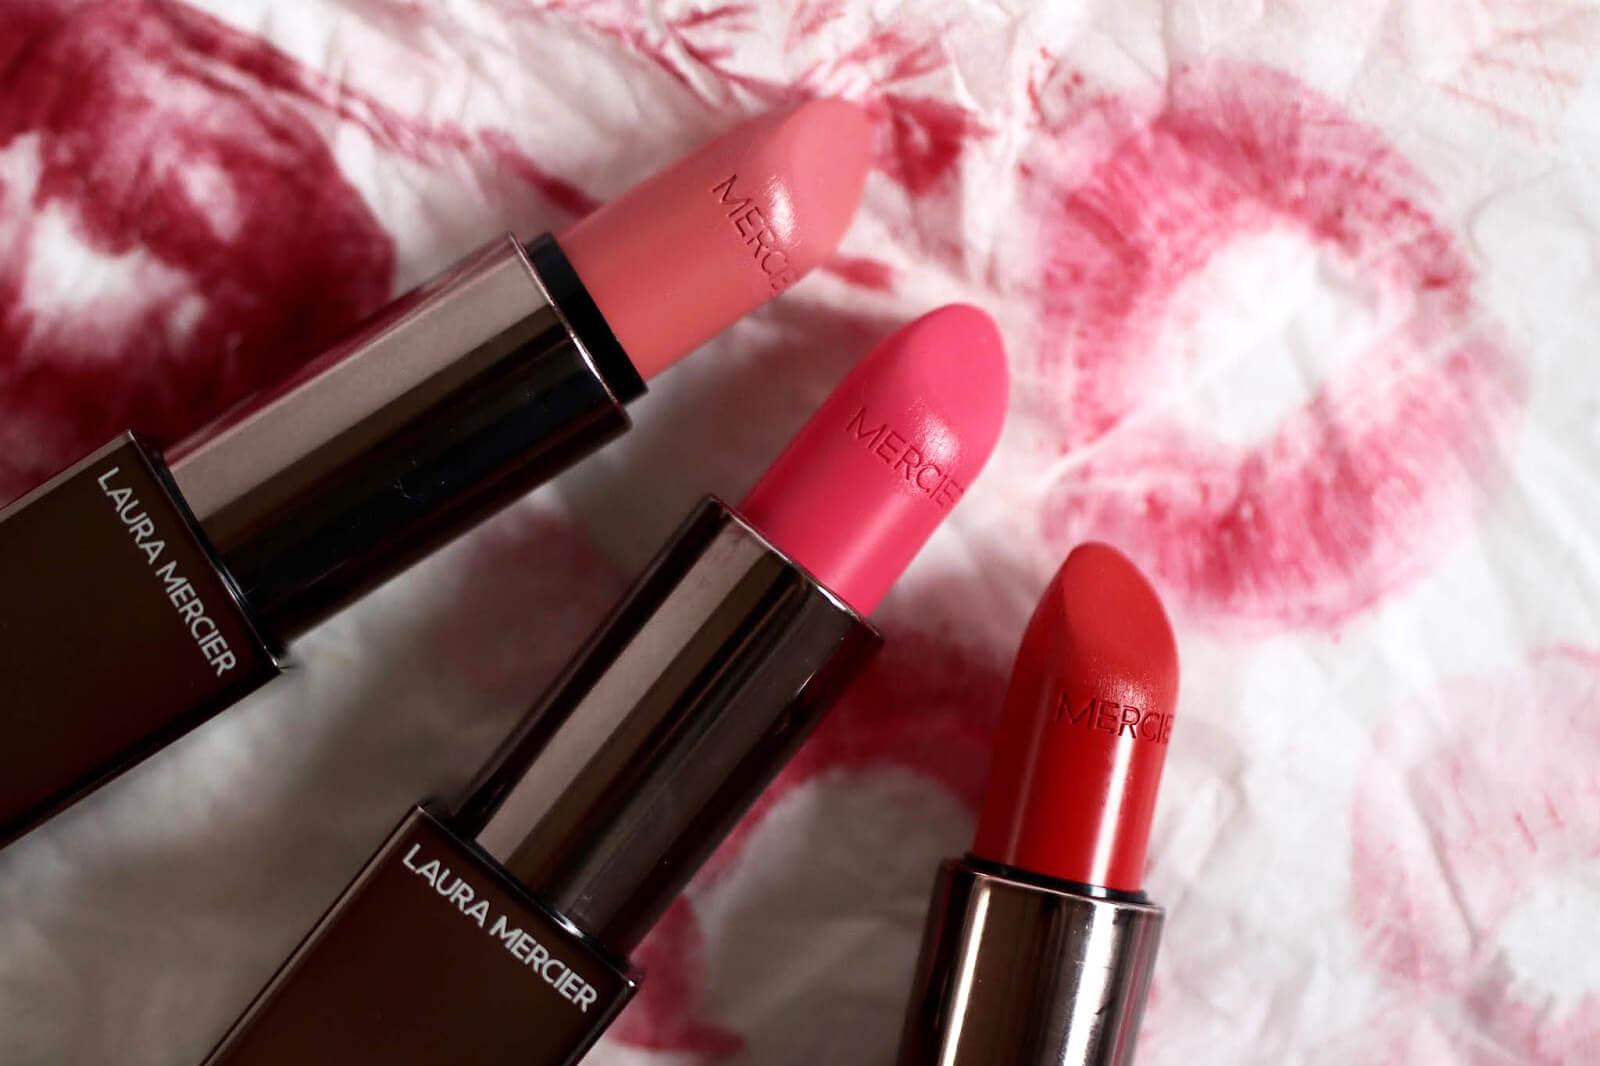 laura-mercier-rose-essentiel-rouge-electrique-nude-nouveau-avis-test-rouge-a-levres-swatch-swatches